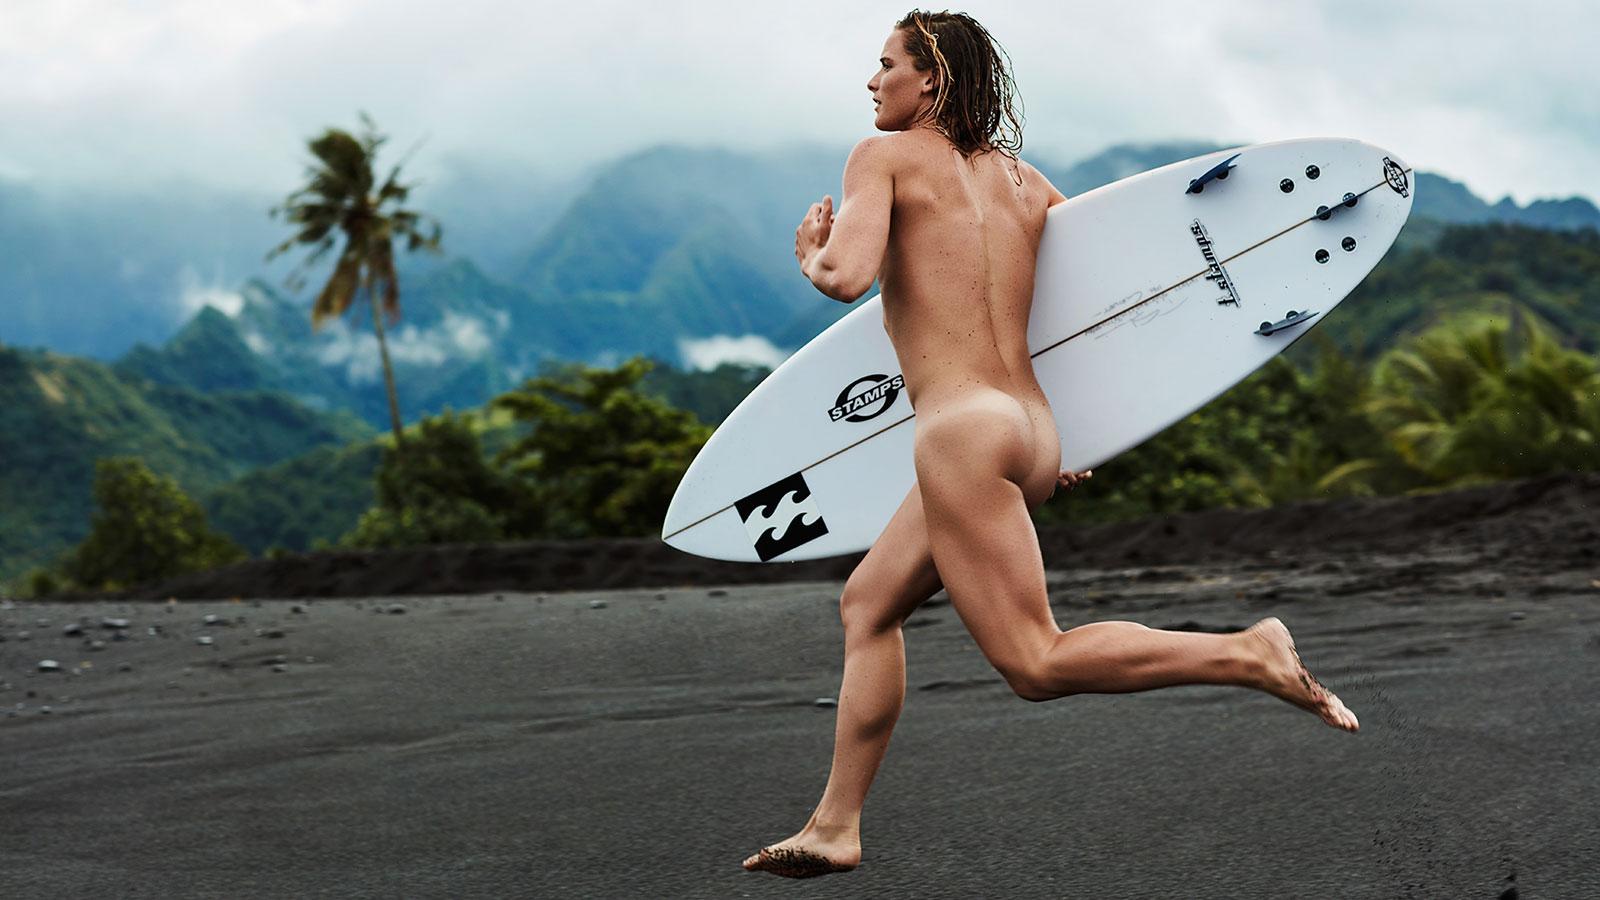 Courtney Conlogue. В ежегодной фотосессии Body Issue для журнала ESPN приняли участие 20 известных спортсменов